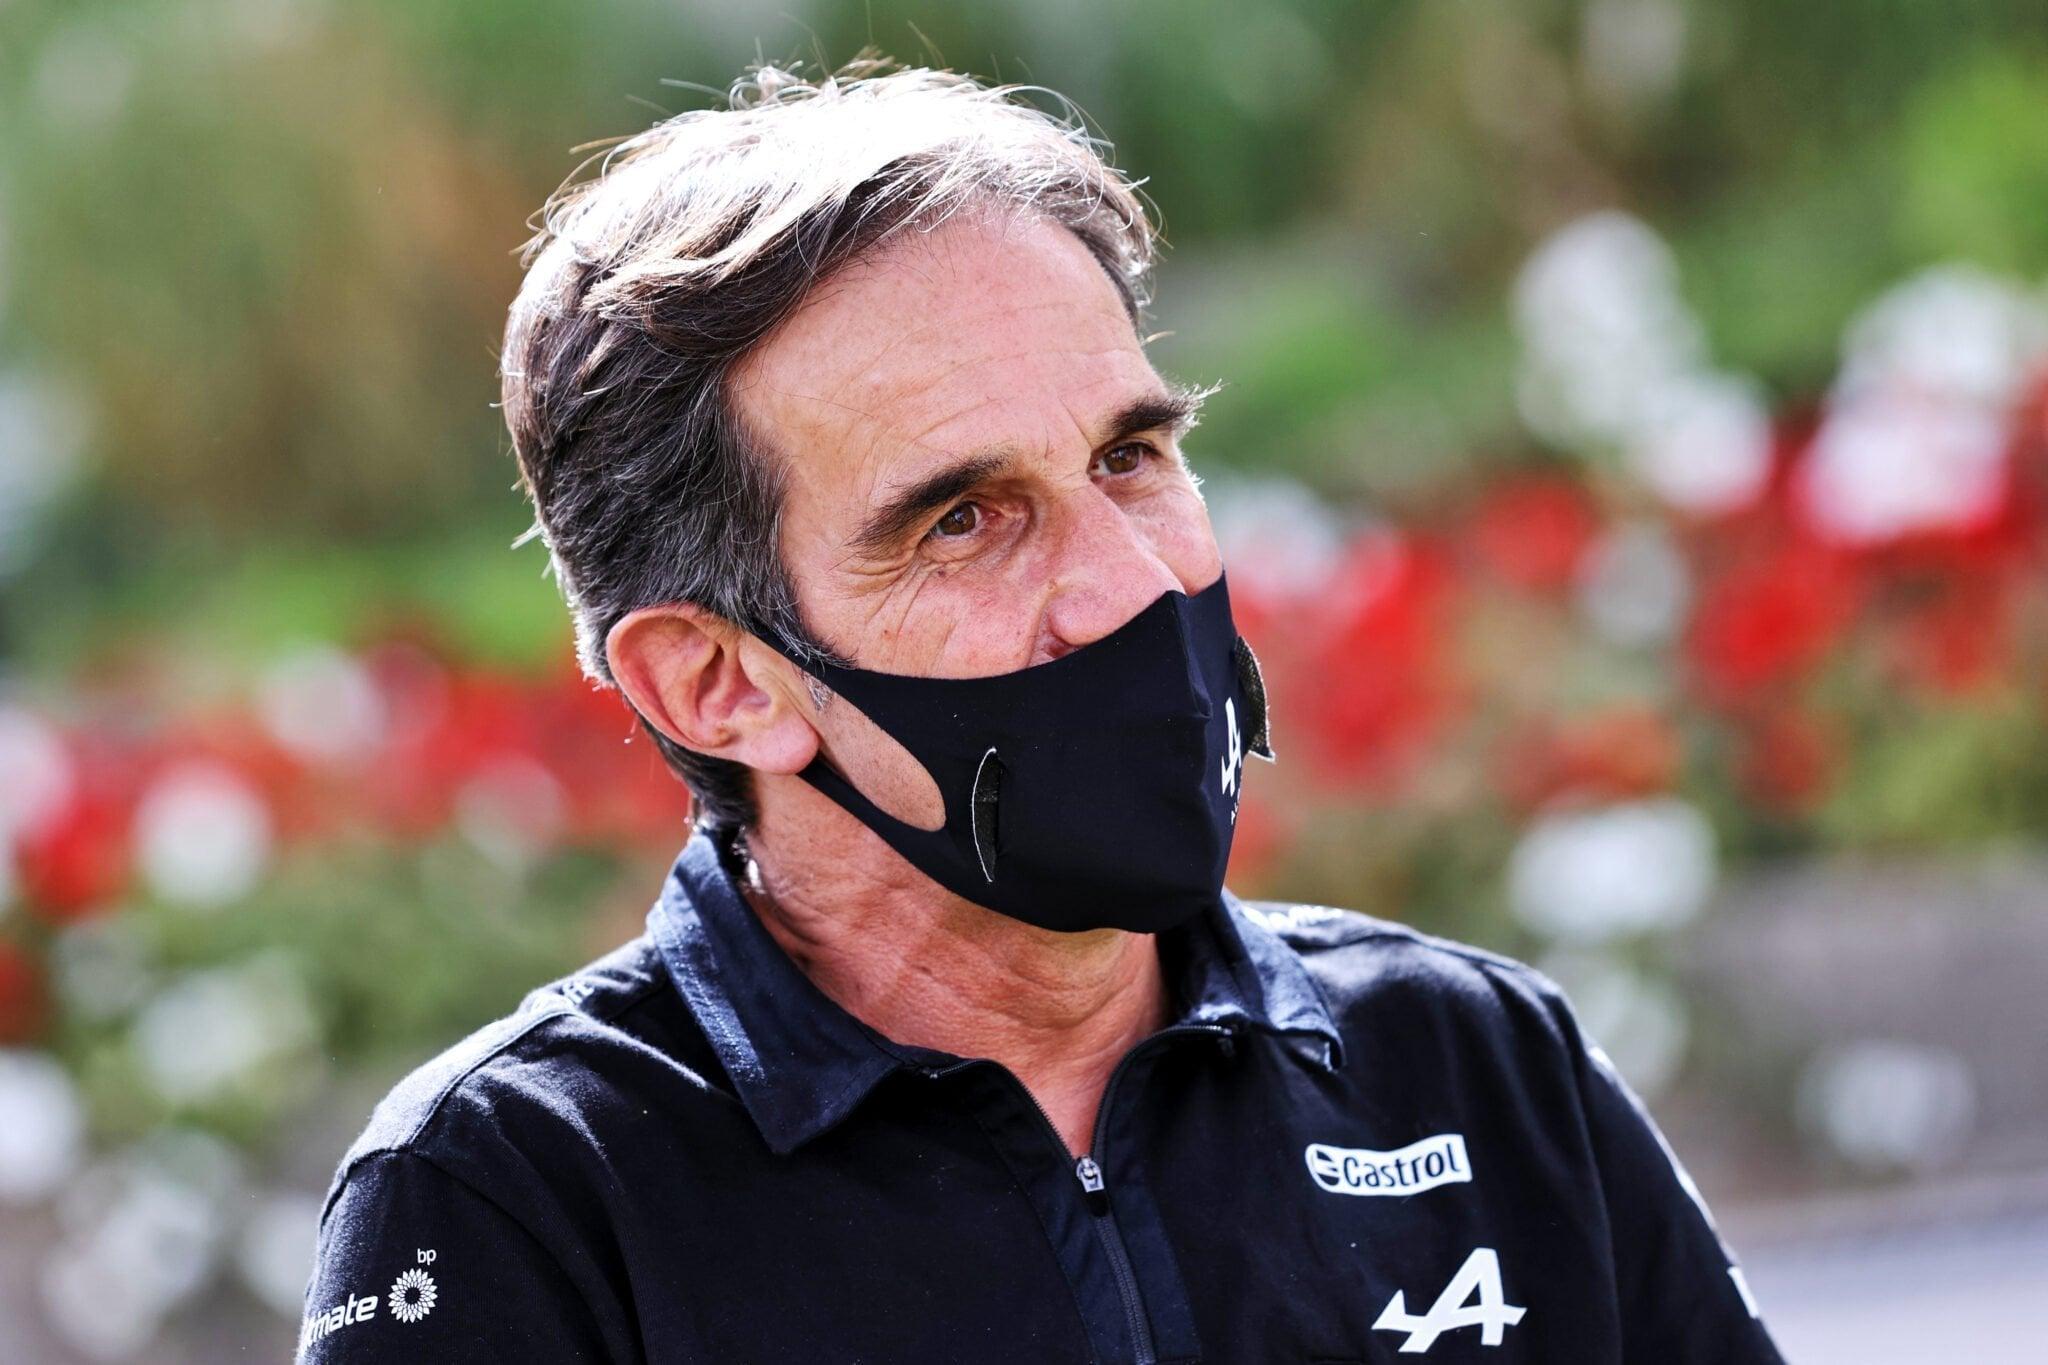 Alpine F1 Team Davide Brivio A521 Bahrein